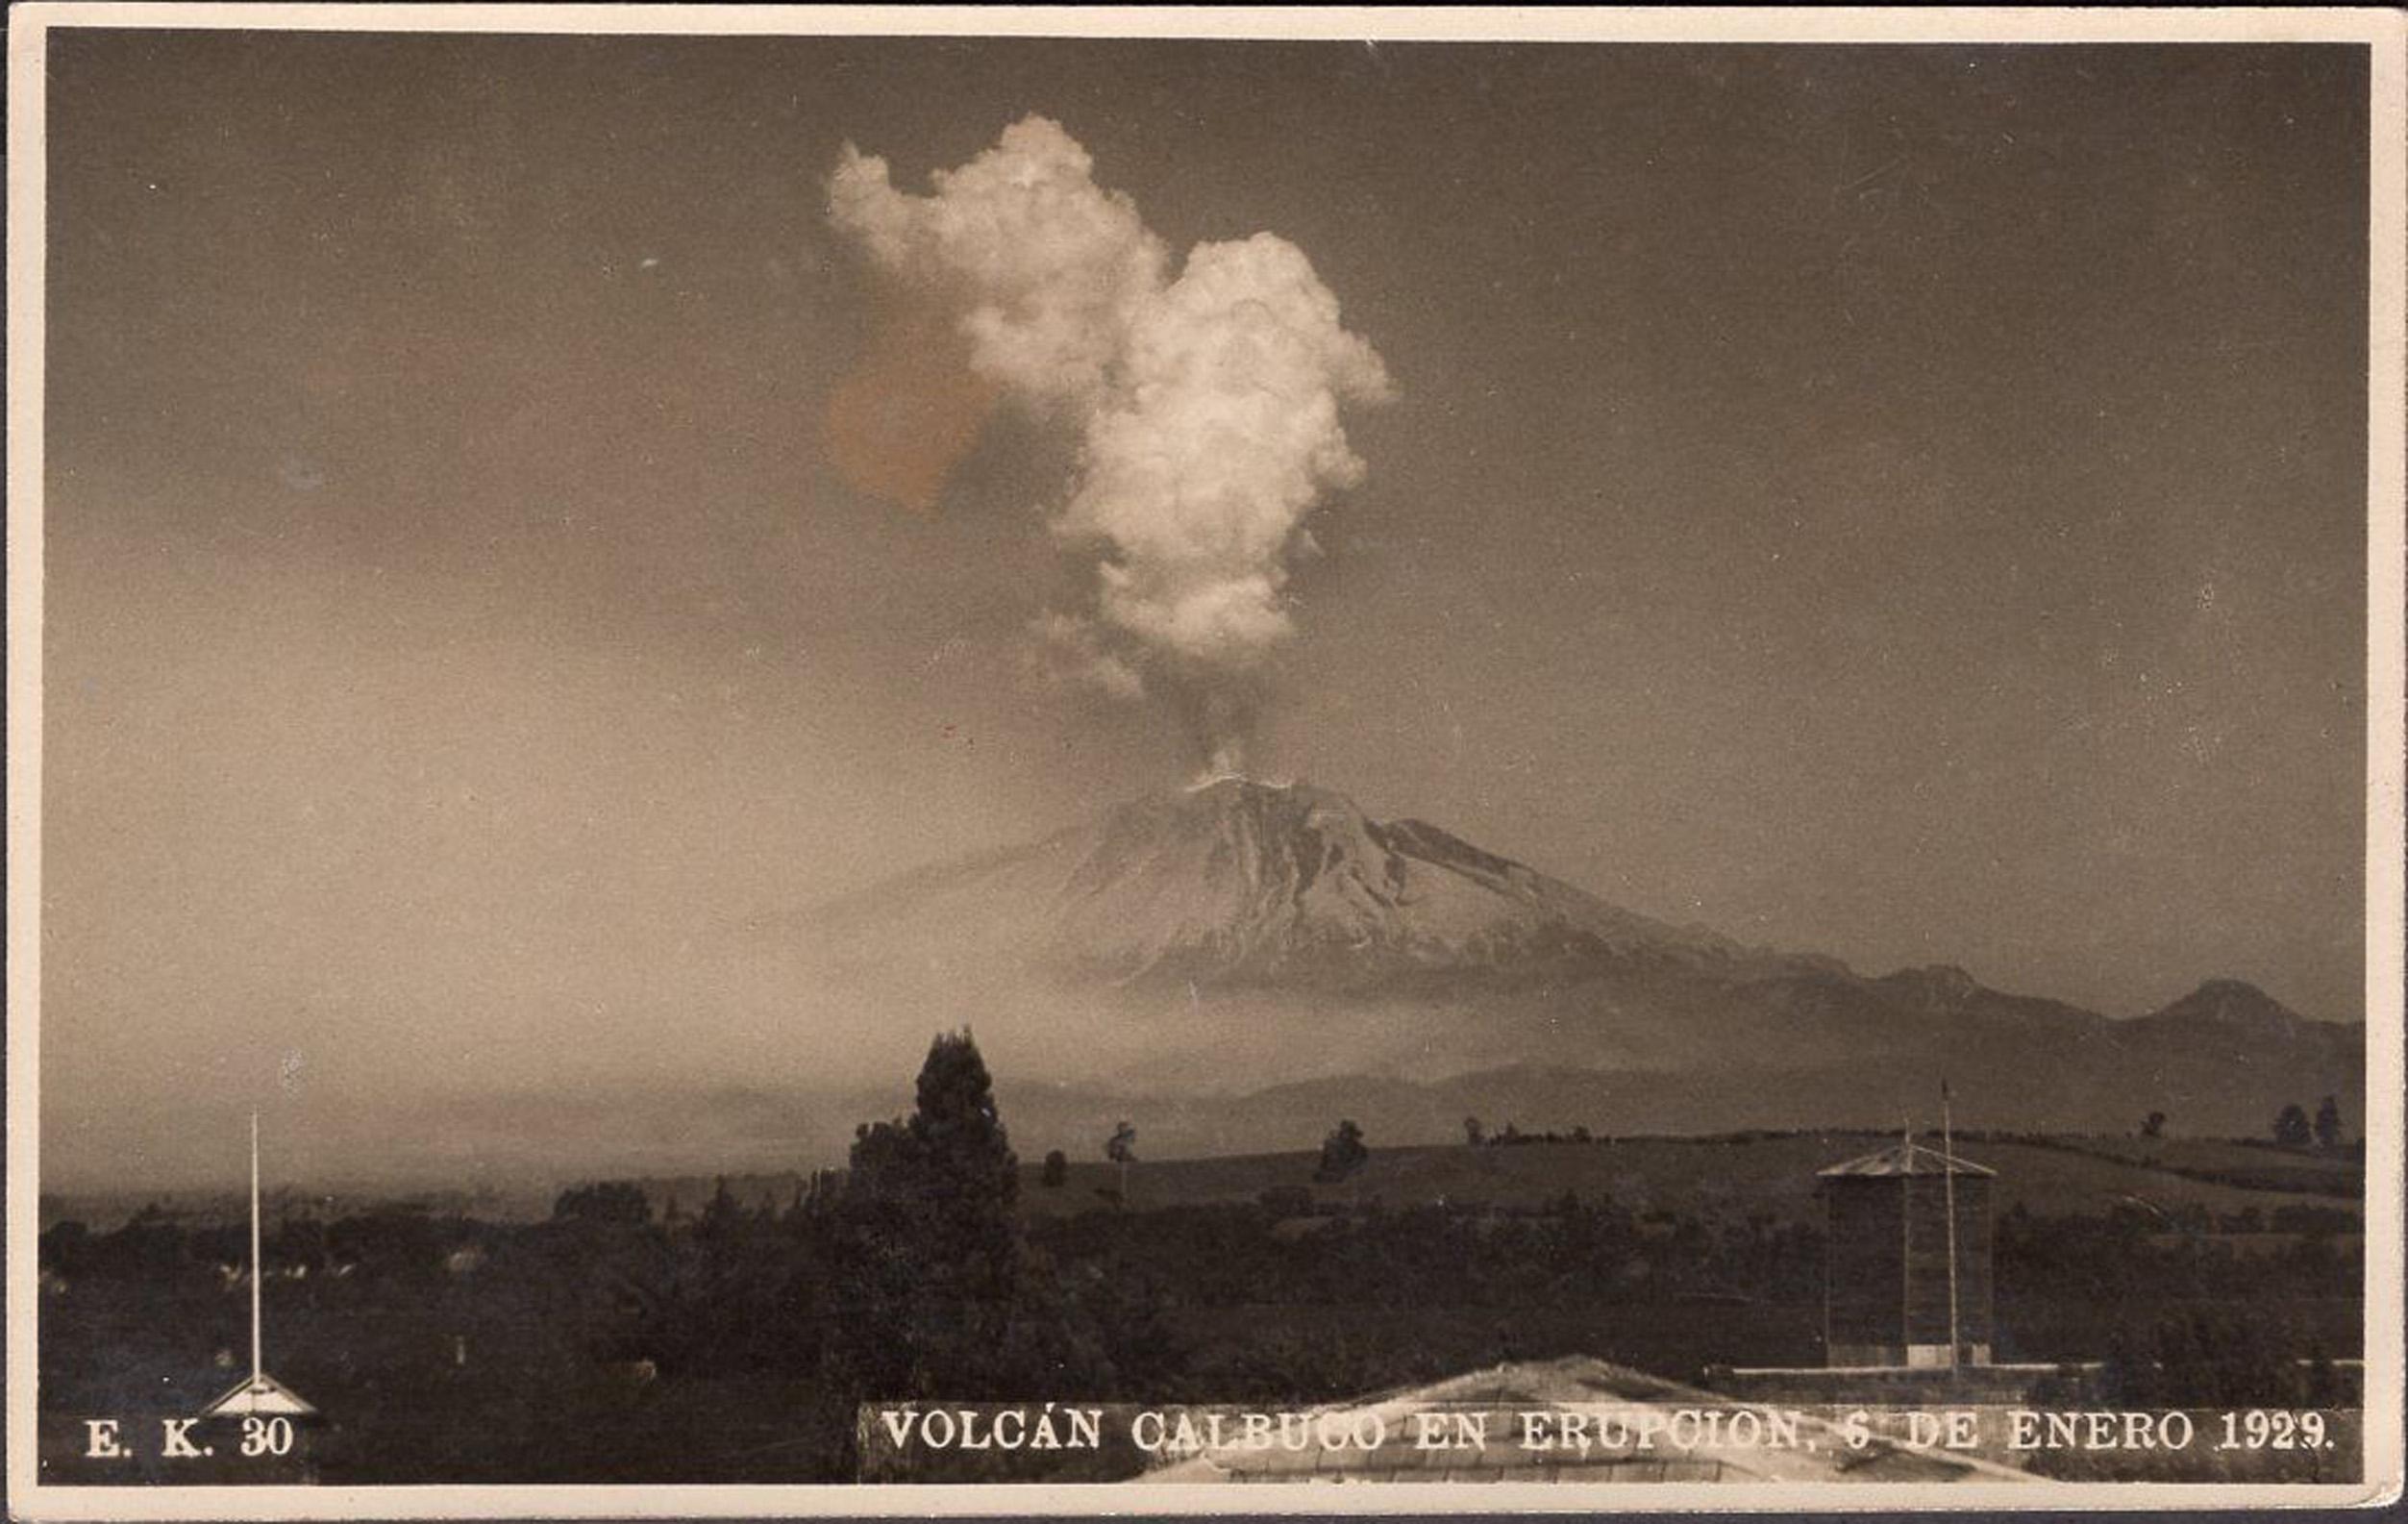 Enterreno - Fotos históricas de chile - fotos antiguas de Chile - Volcán Calbuco en Erupción, año 1929